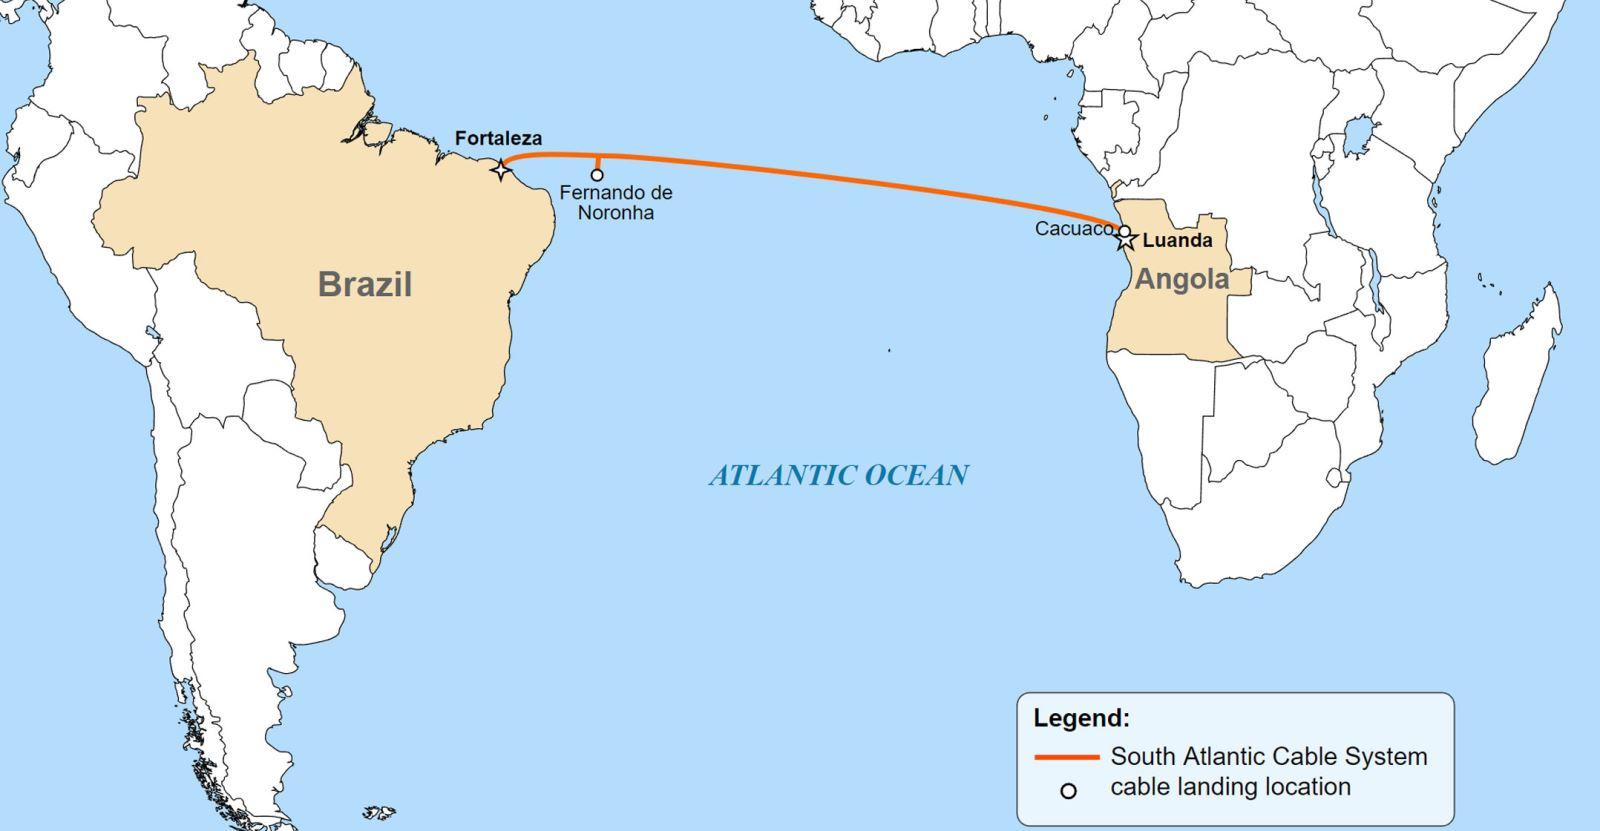 南大西洋电缆系统进展顺利 巴西数据中心开工